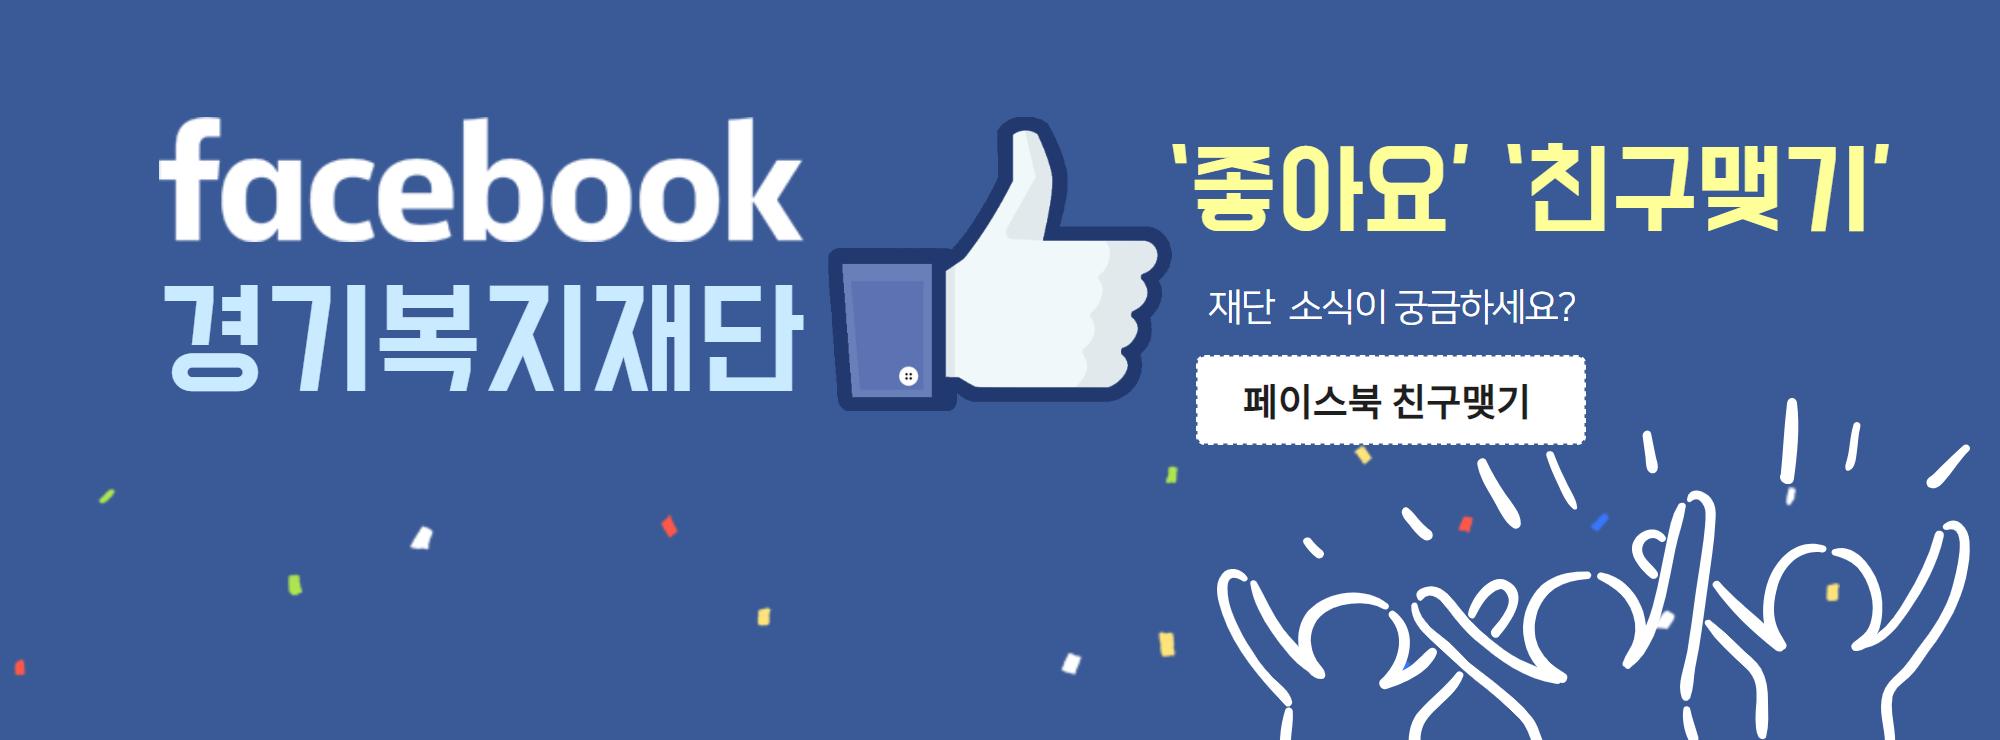 facebook 경기복지재단 '좋아요' '친구맺기' 재단 소식이 궁금하세요? 페이스북 친구맺기